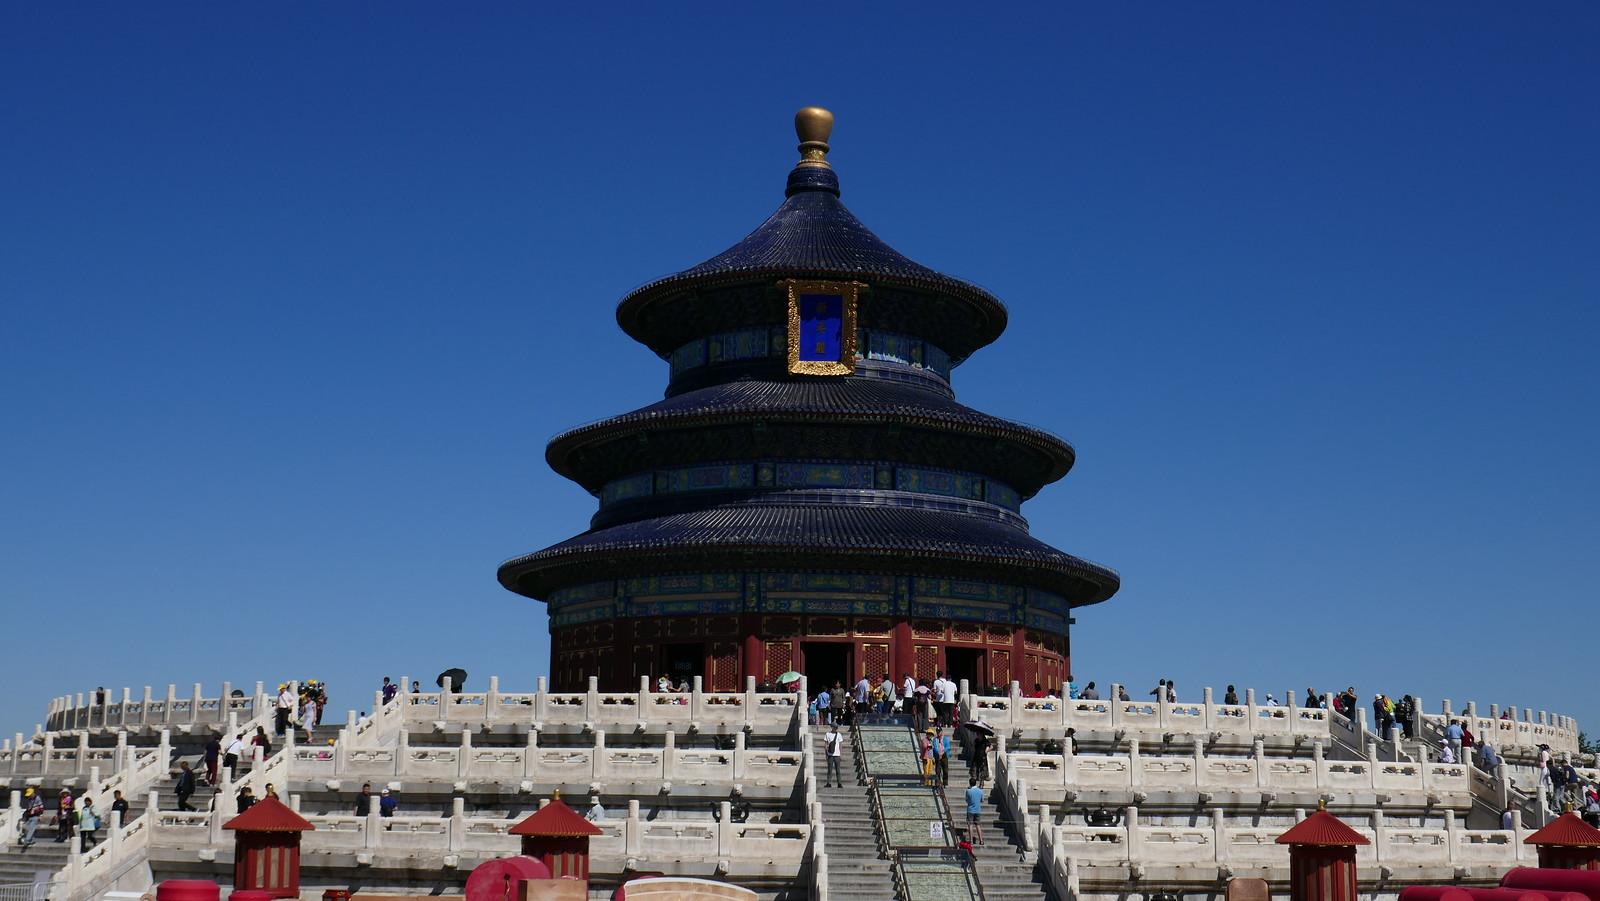 El maravilloso Templo de la Oración por la Buena Cosecha, una de las estampas icónicas de Pekín